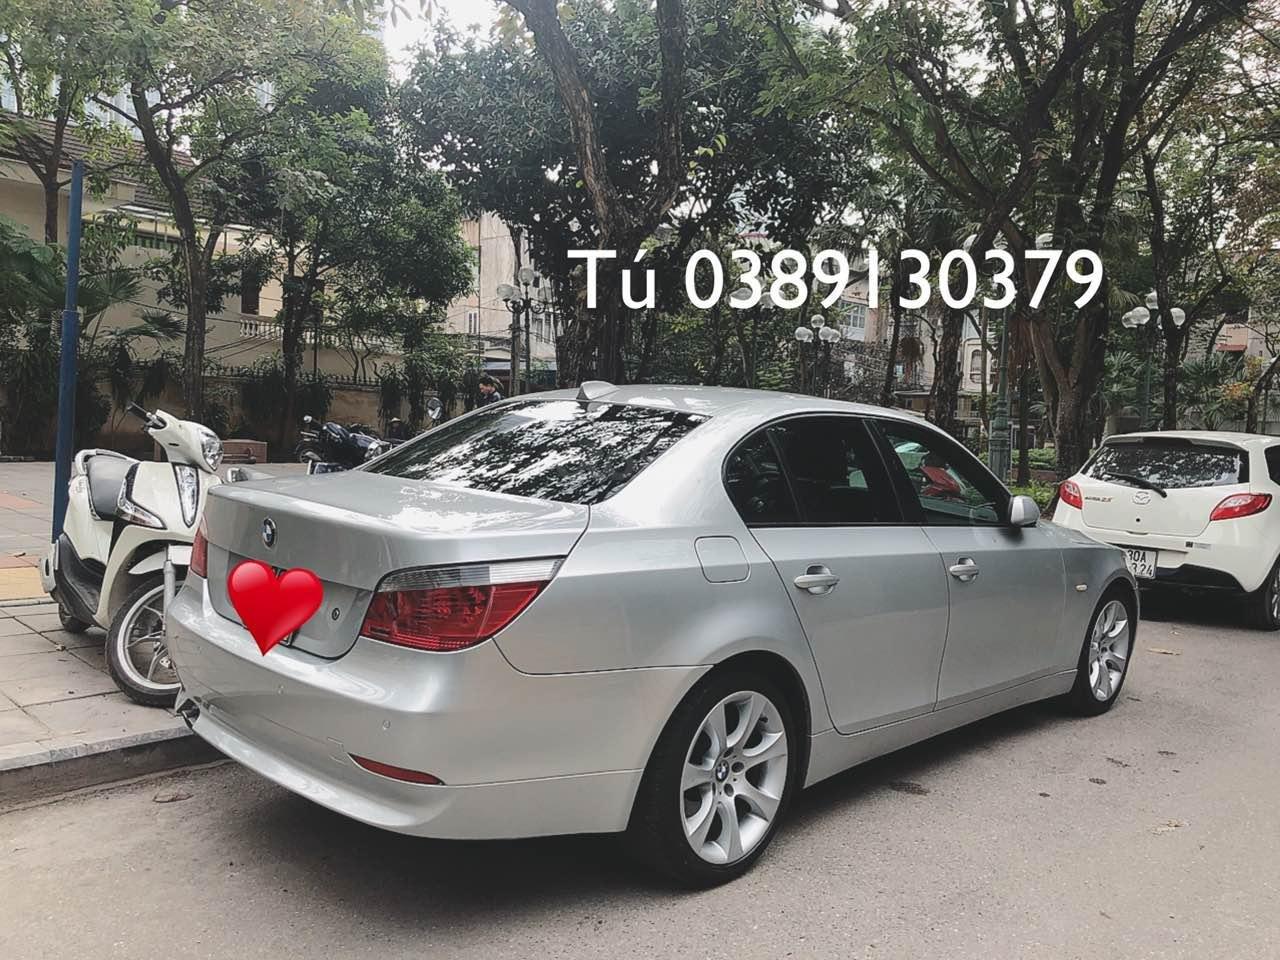 Cần bán xe BMW 5 series, đời 2004, giá cực êm 350tr (3)